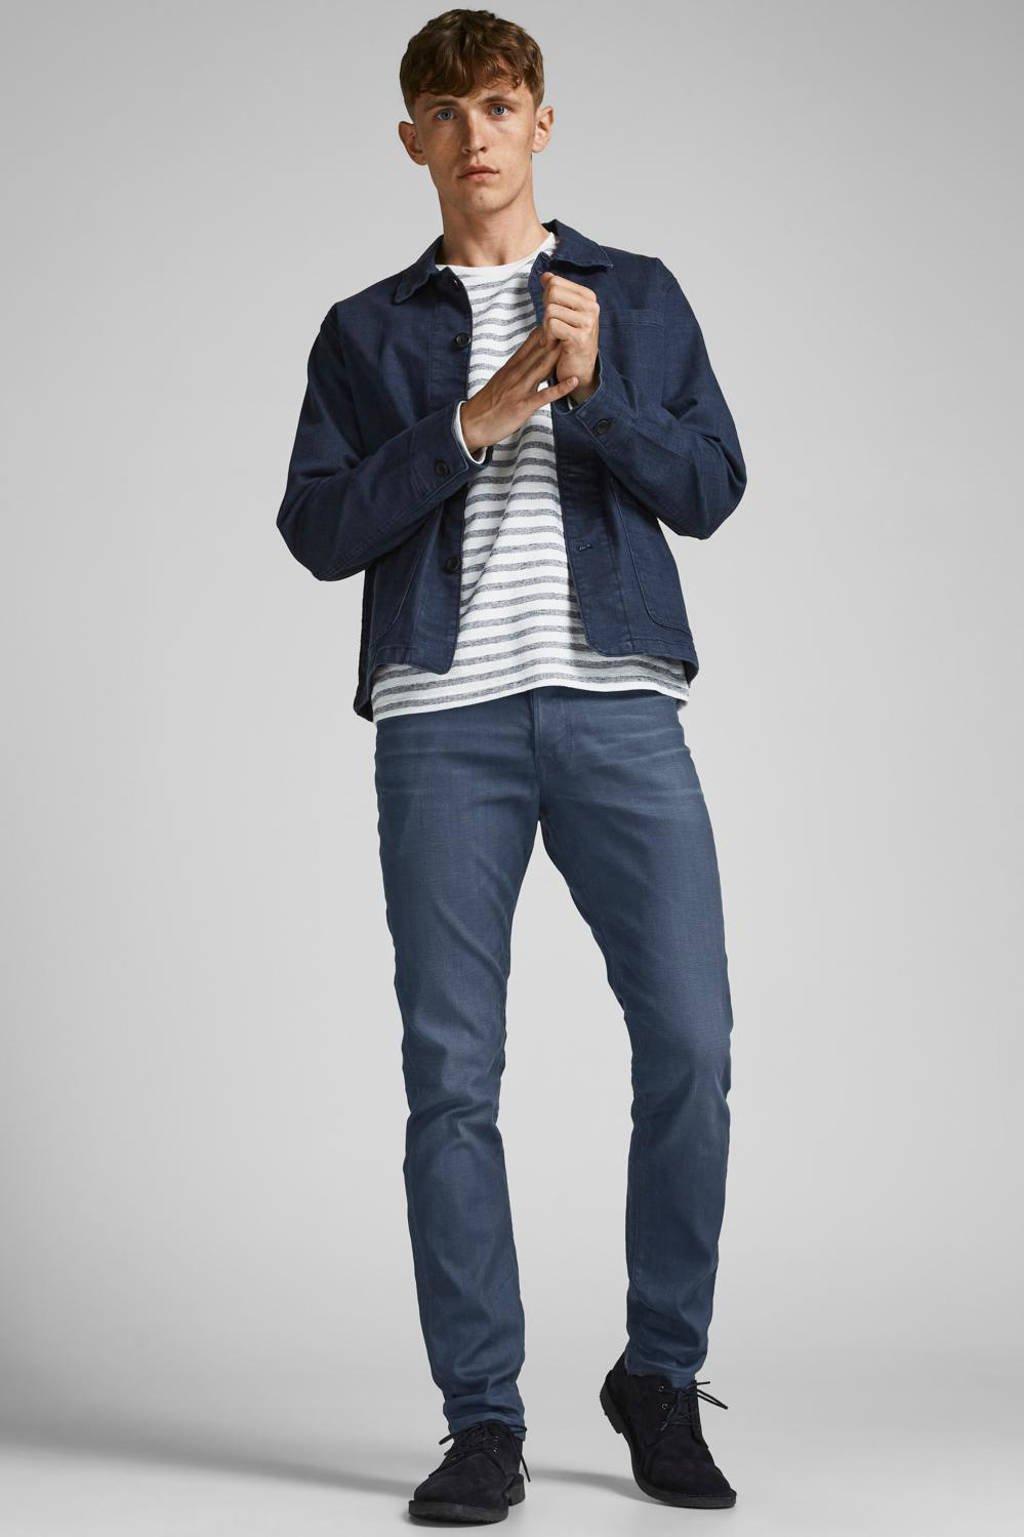 JACK & JONES JEANS INTELLIGENCE slim fit jeans JJITIM JJCLASSIC blue denim, Blue denim